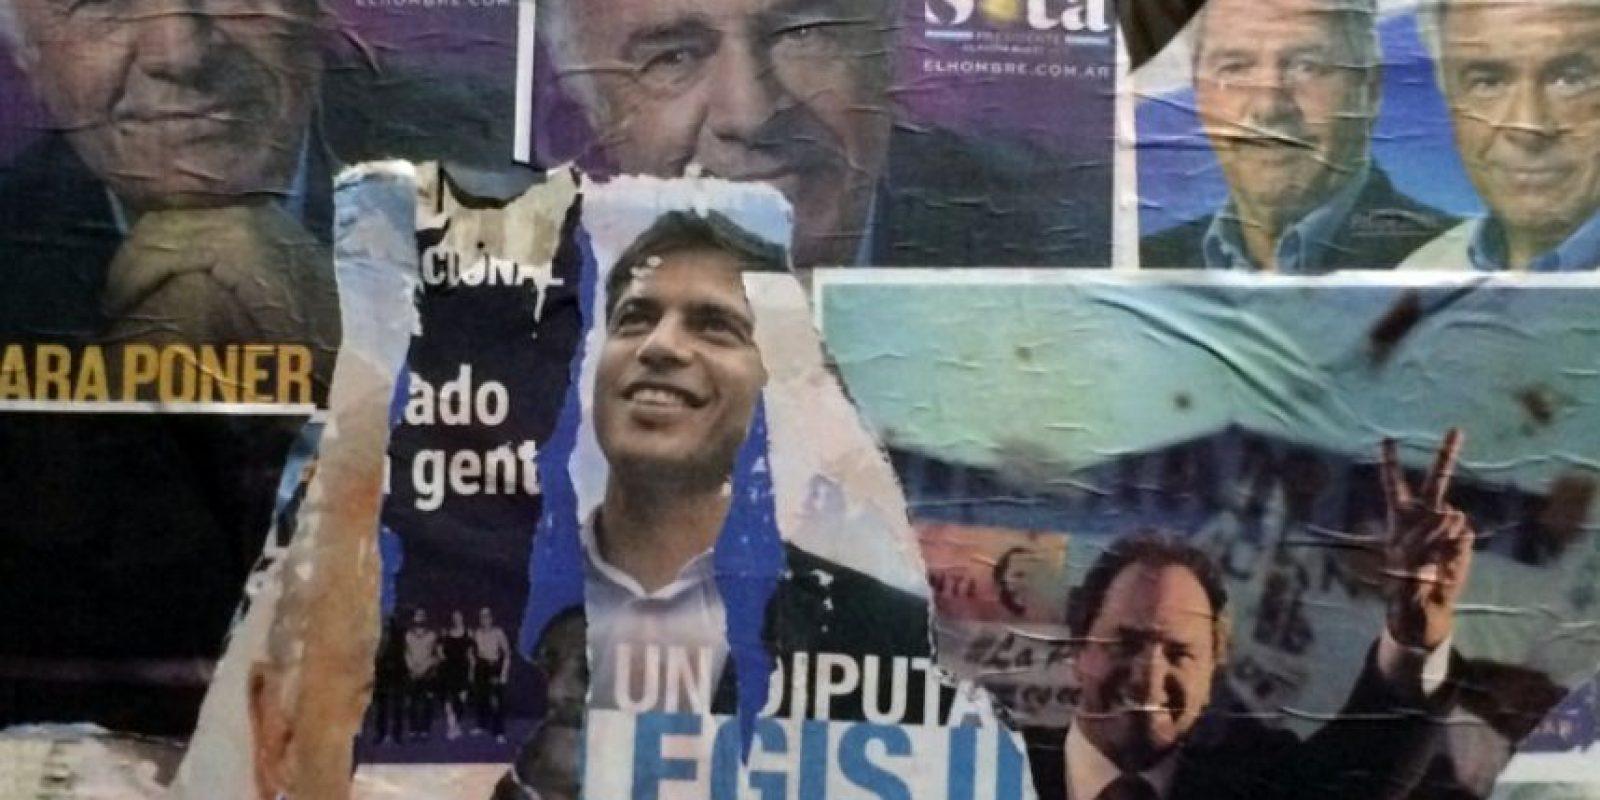 En caso de que un candidato no alcance más del 45% de la votación total, habrá segunda vuelta electoral. Foto:AFP